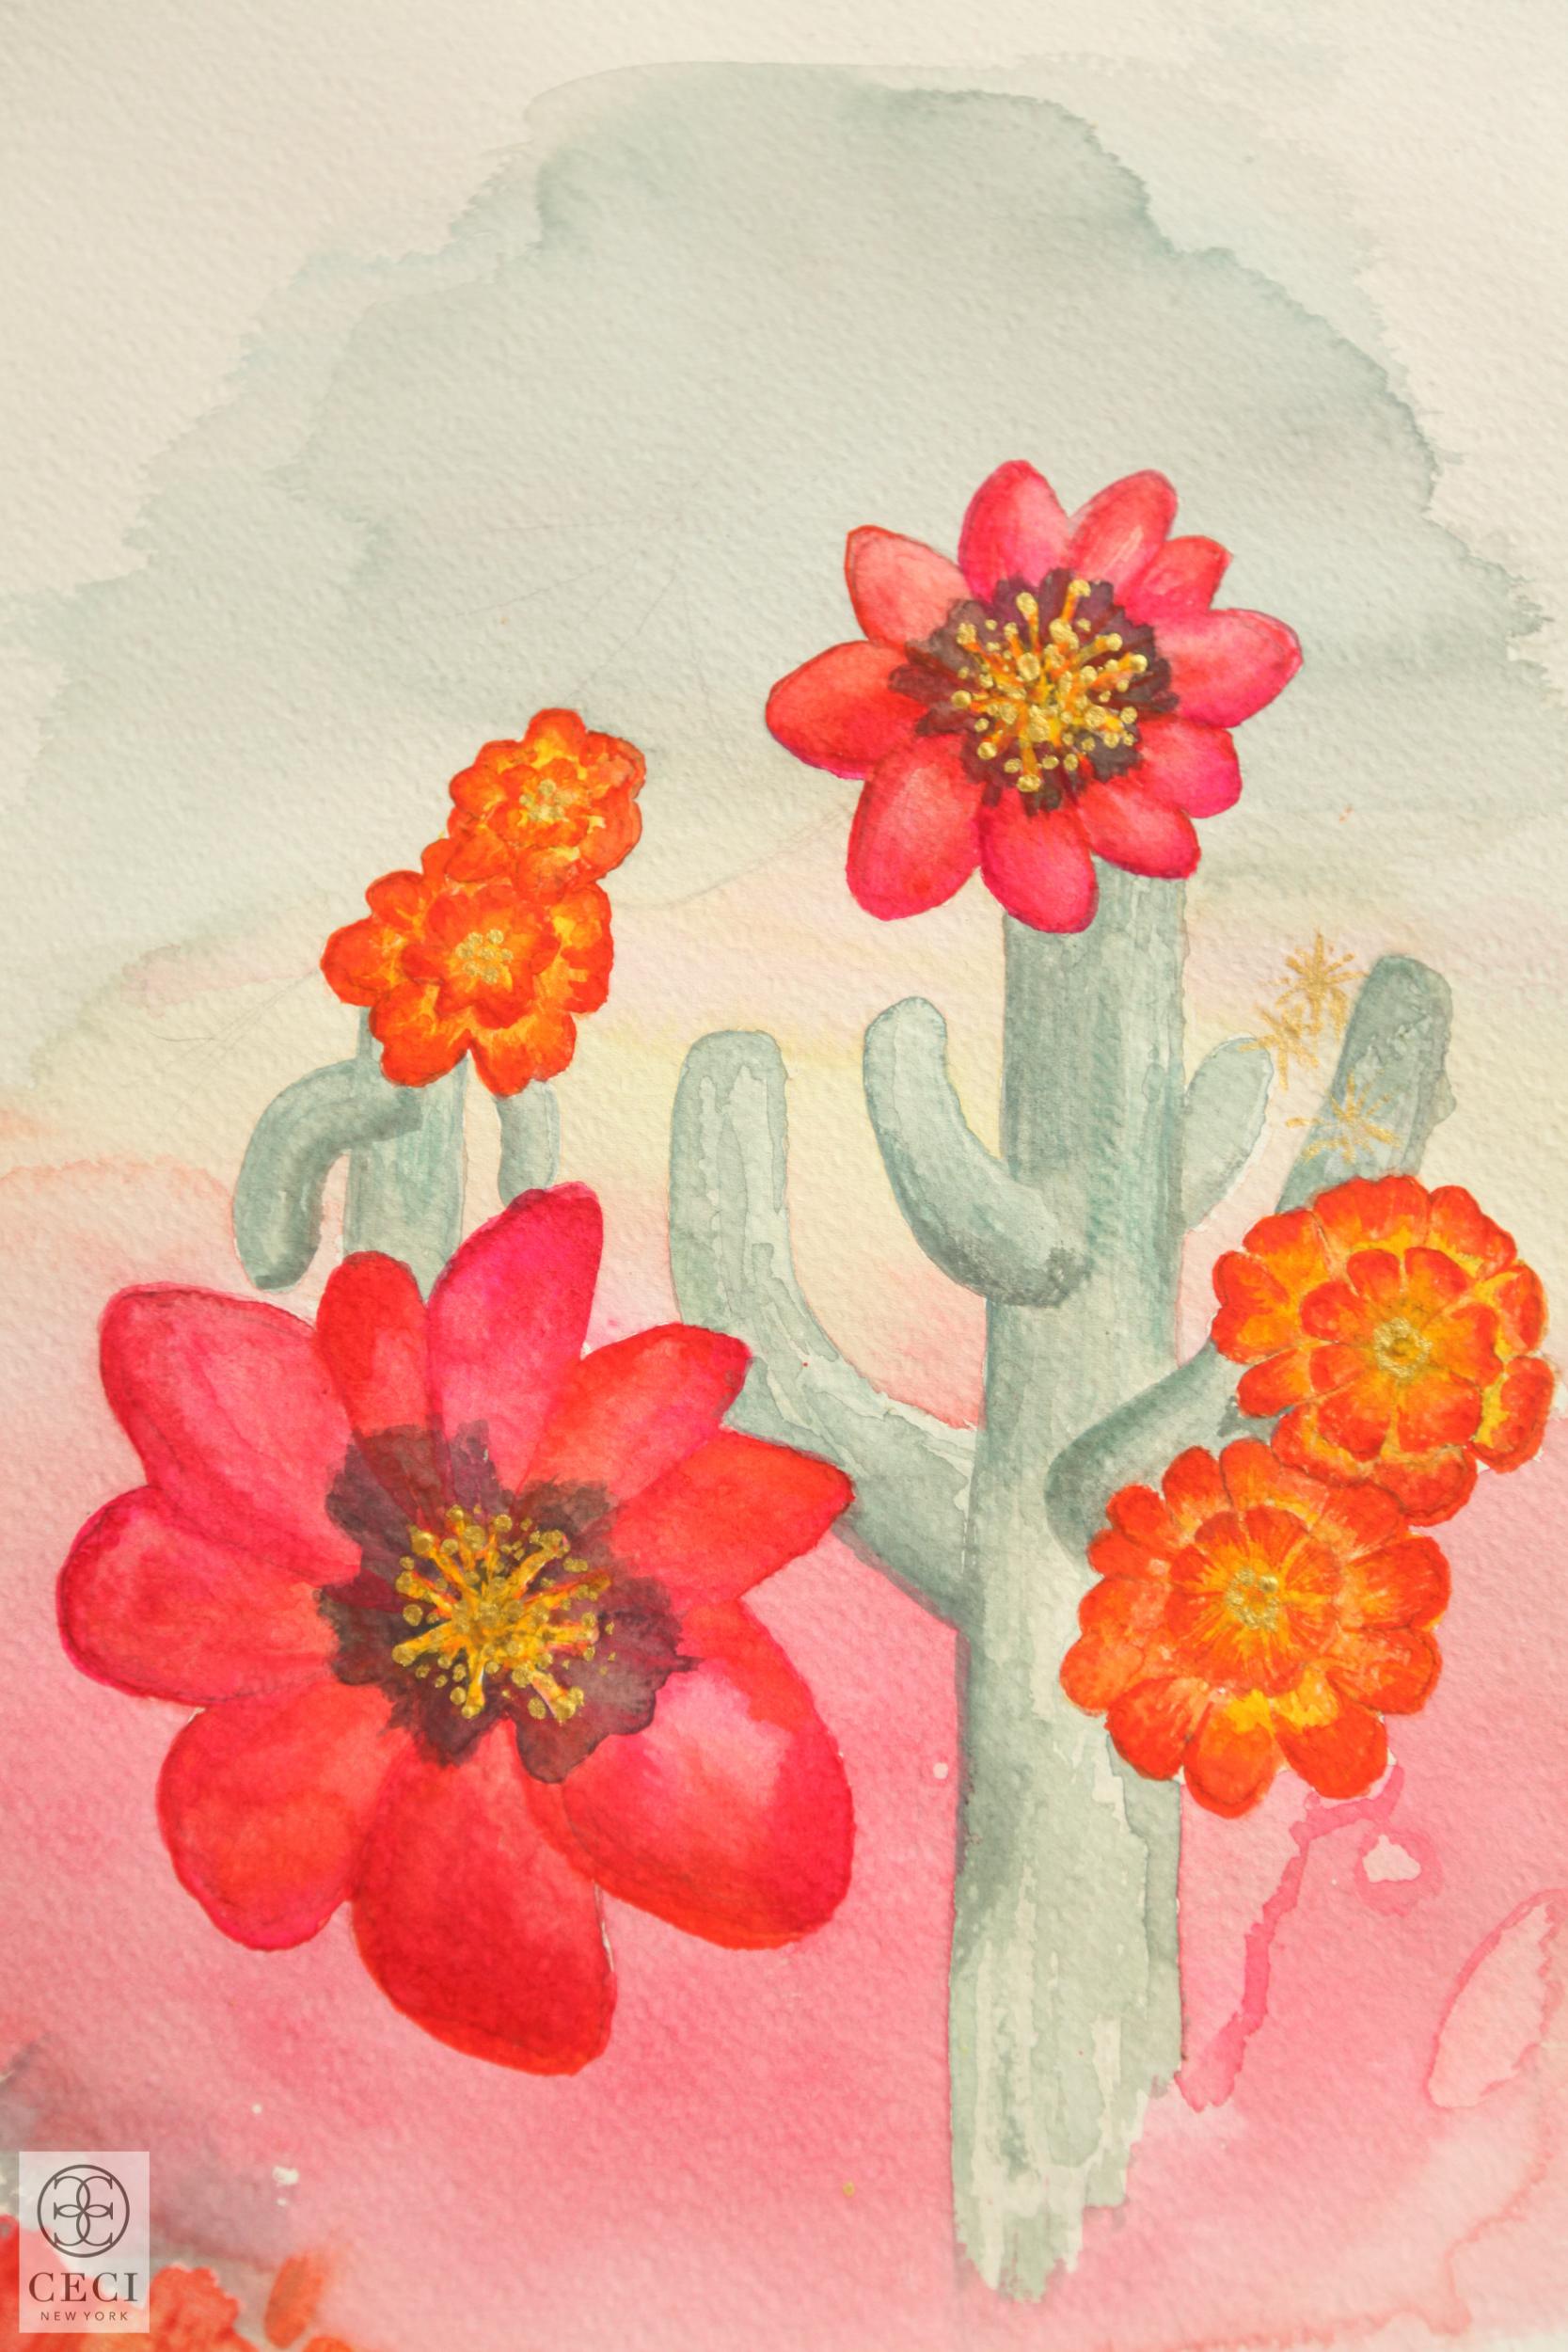 Ceci_New_York_Ceci_Style_Ceci_Johnson_Luxury_Lifestyle_Arizona_Wedding_Watercolor_Inspiration_Design_Custom_Couture_Personalized_Invitations_-4.jpg